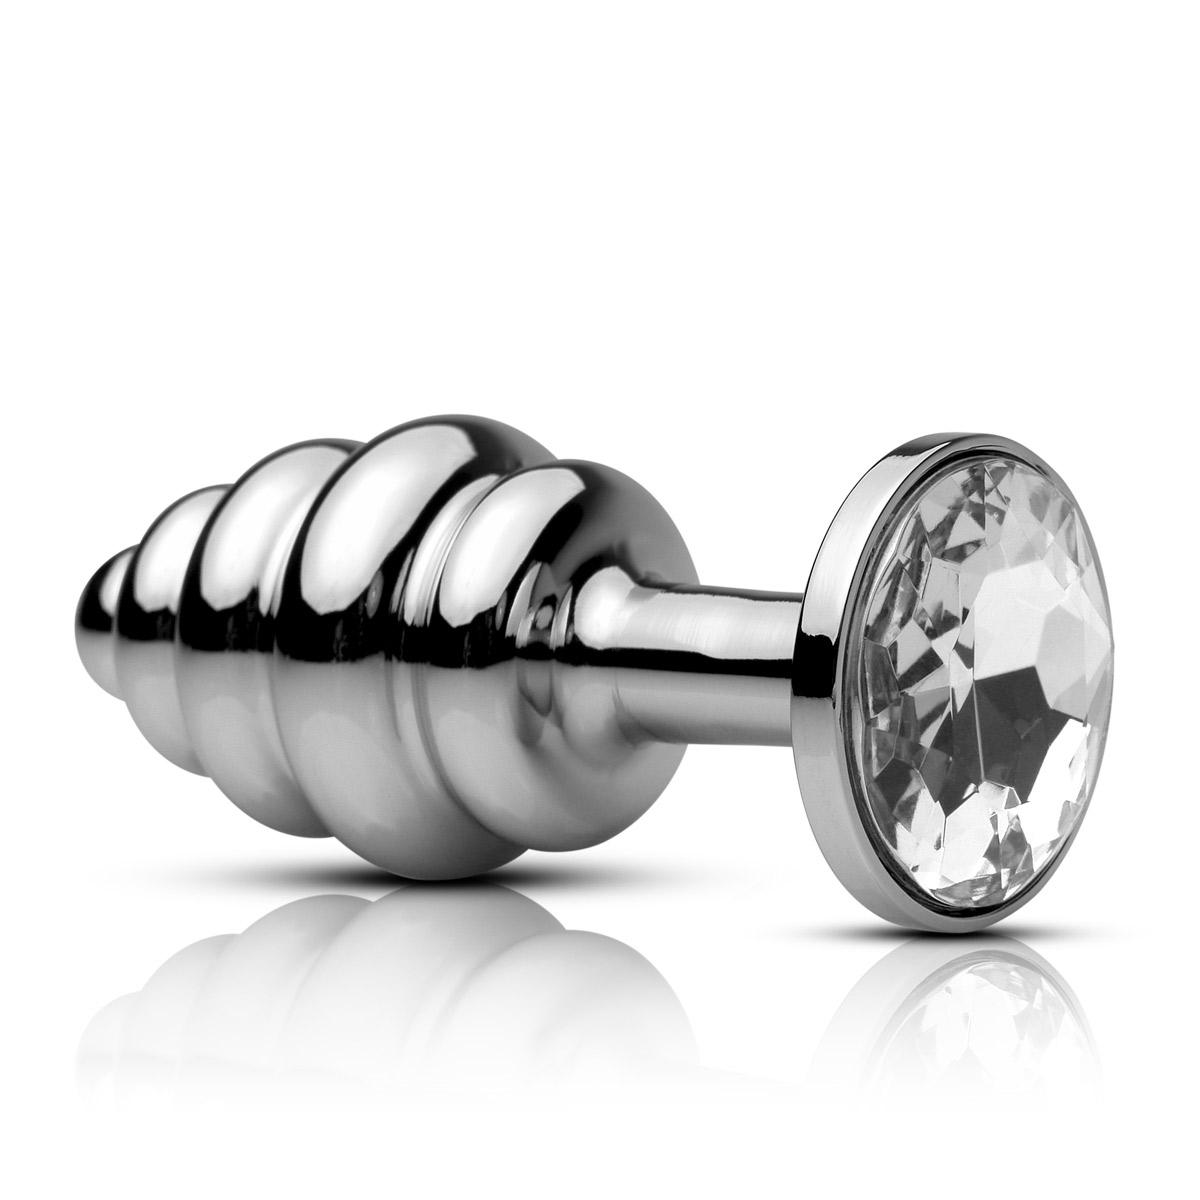 Анальная пробка Mini Ribbed Plug рифленая с кристаллом - 7,5 см. - фото 314404